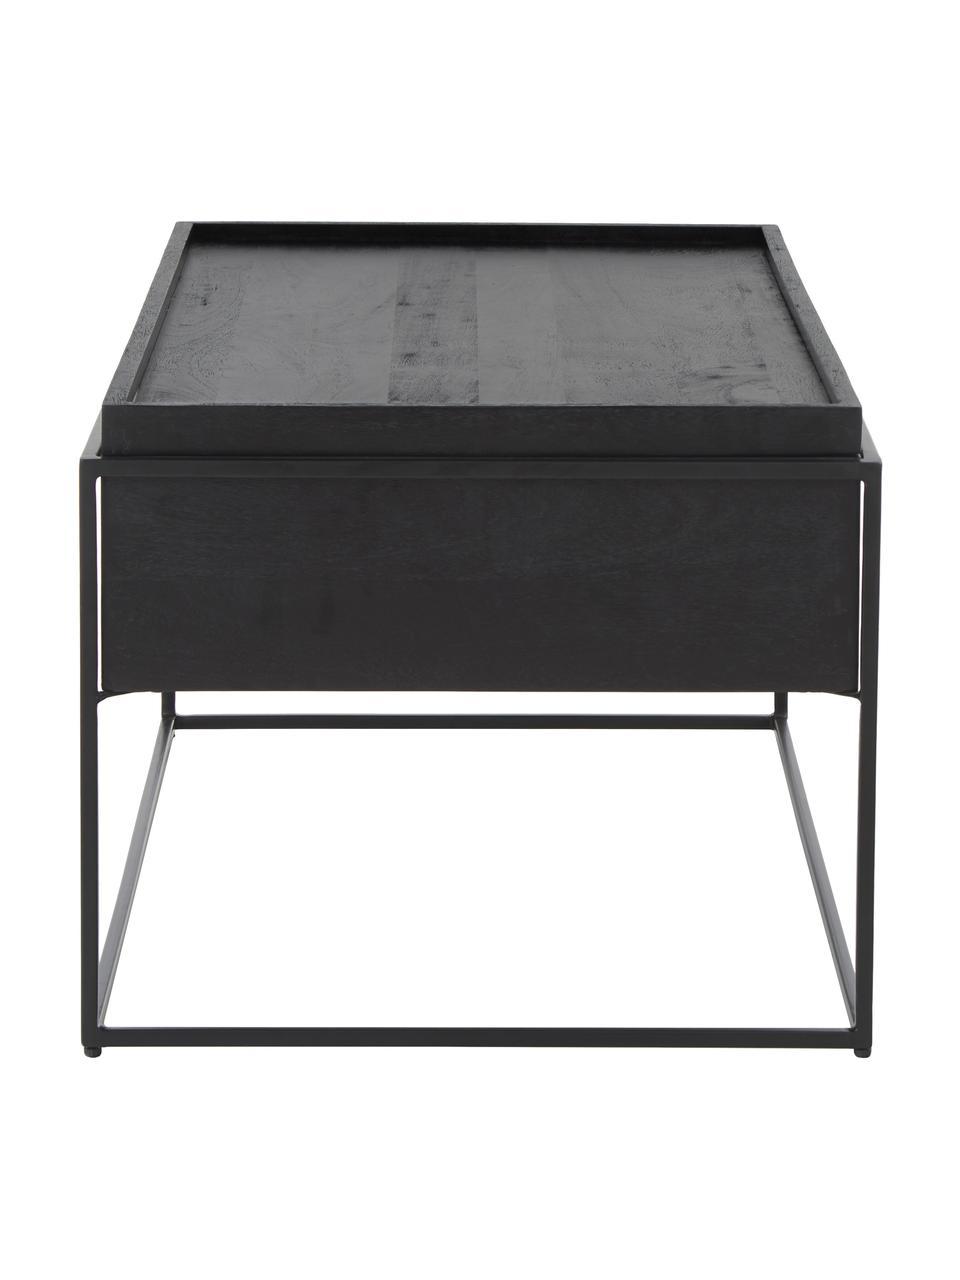 Table basse noire en bois et métal Theo, Corps: manguier, noir laqué Support: noir, mat